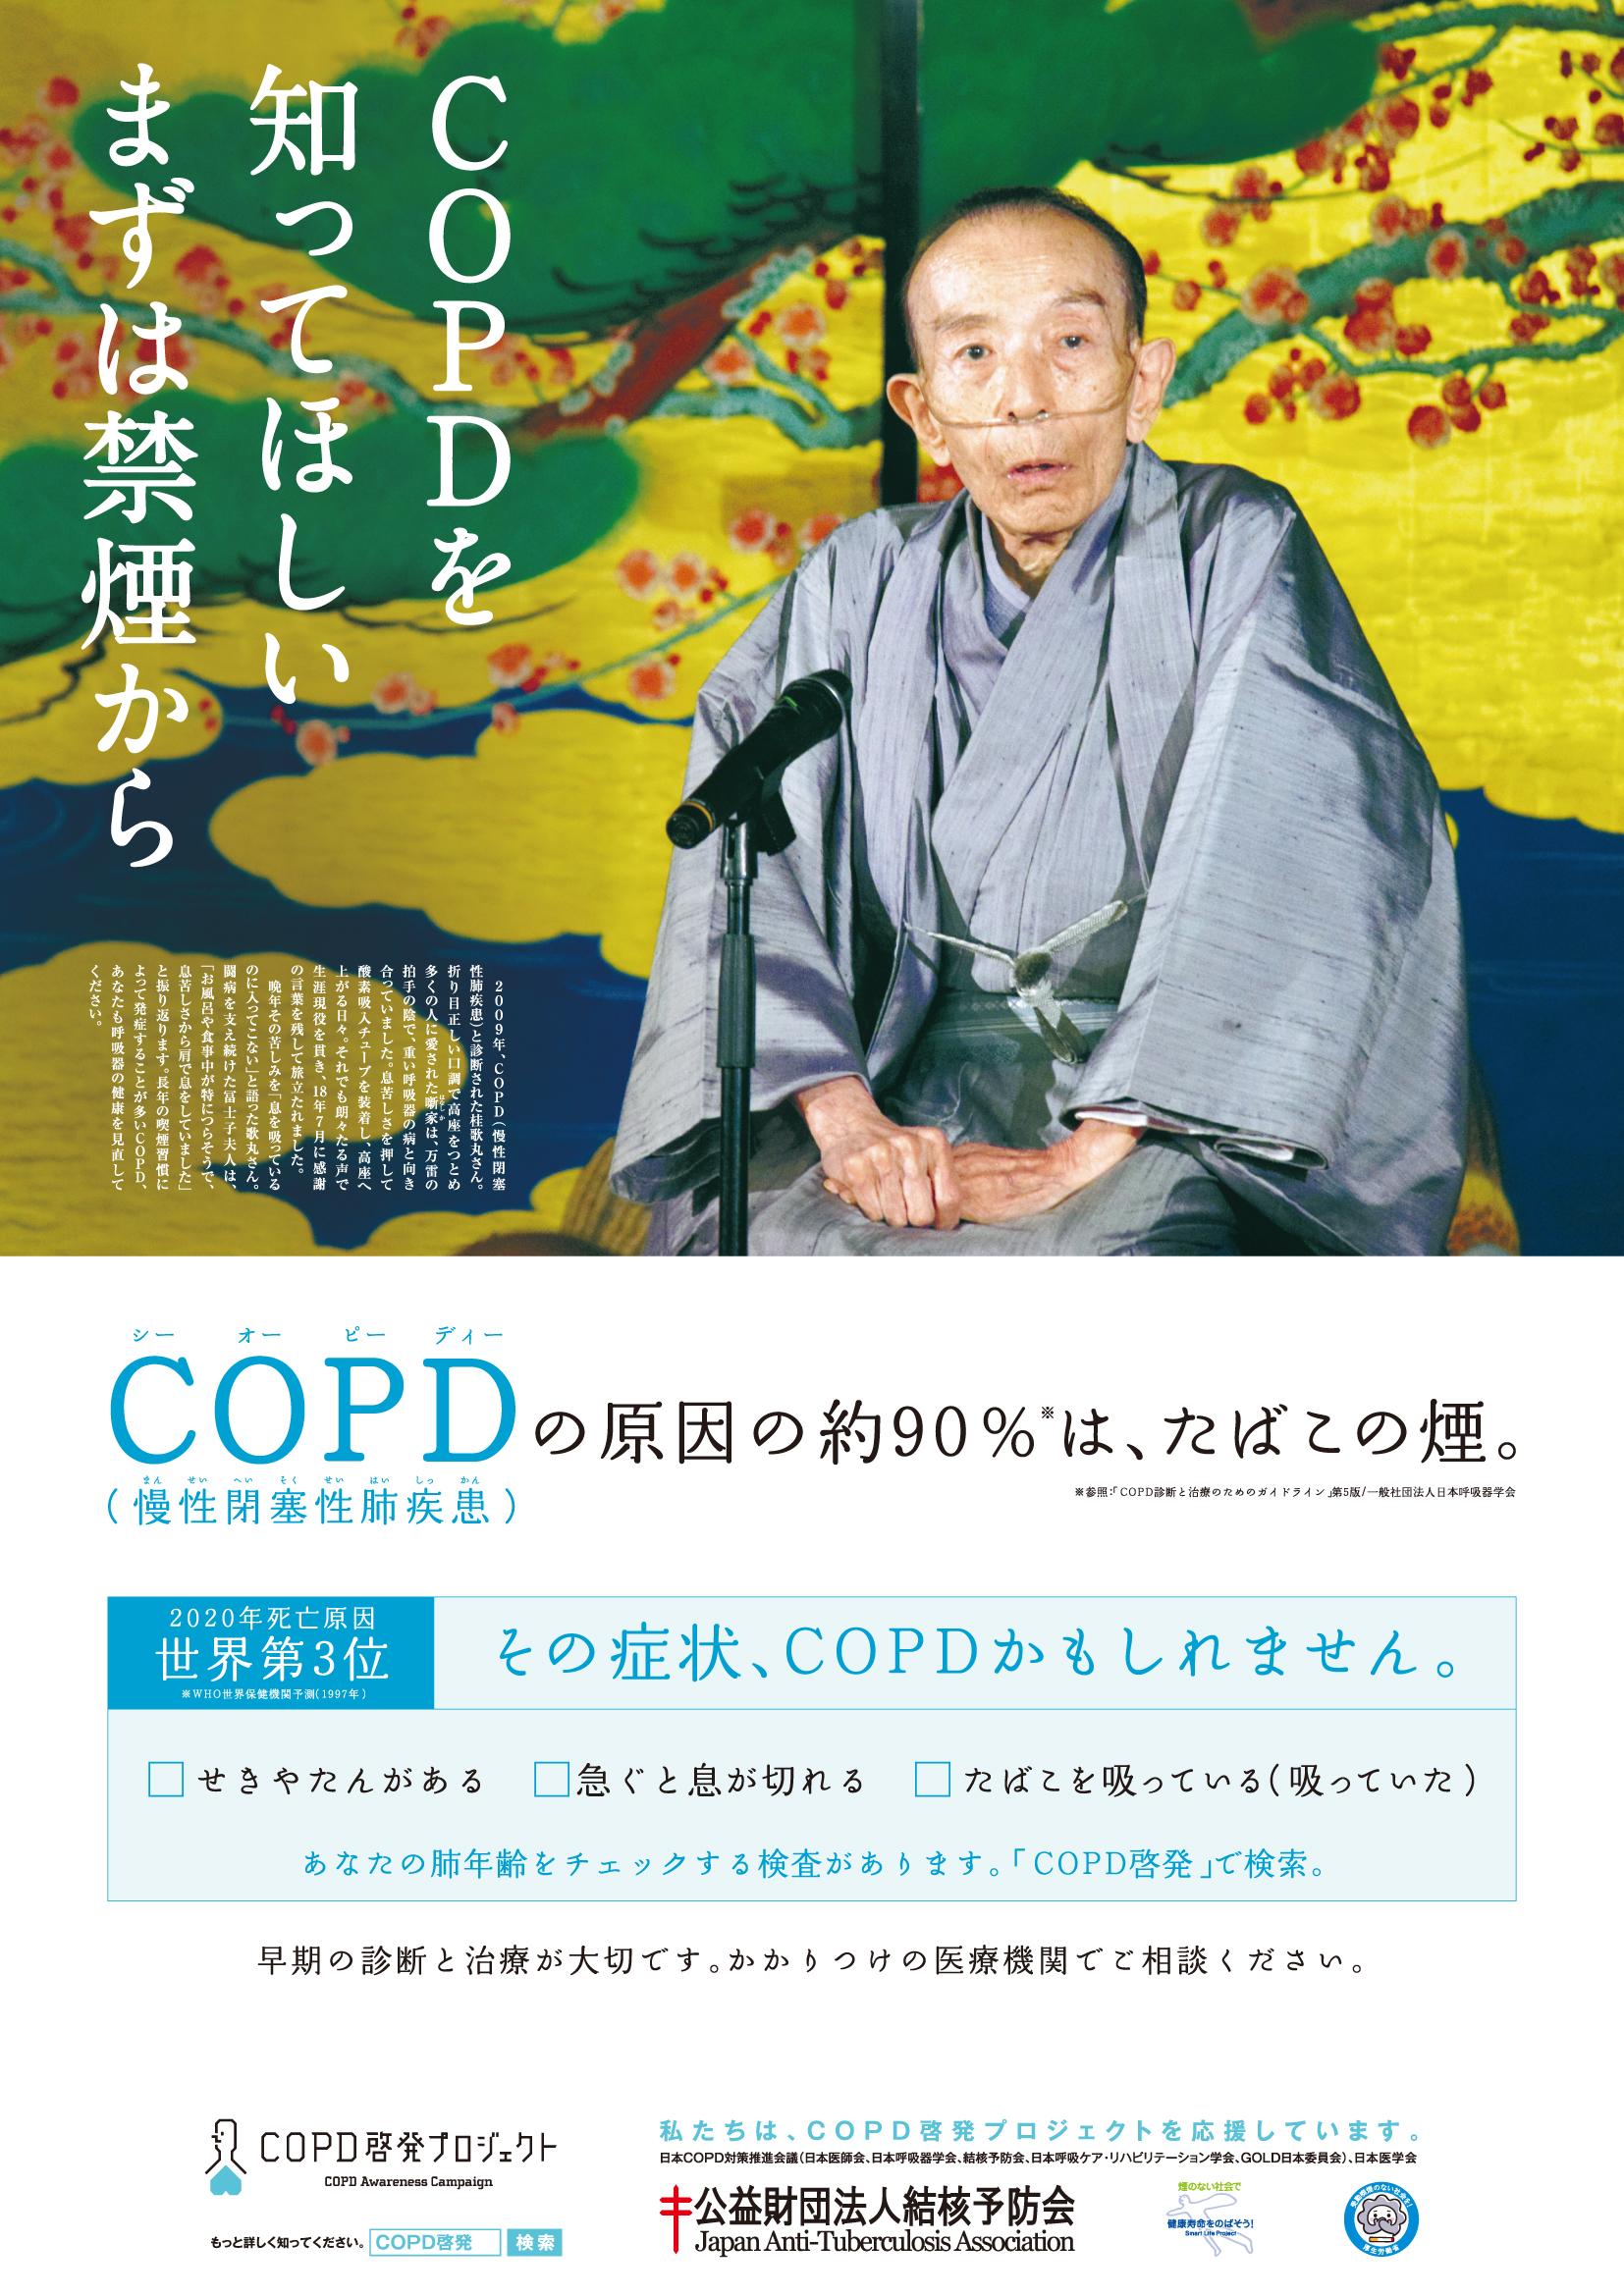 COPD(慢性閉塞性肺疾患)の予防啓発ポスター(A2)差し上げます。